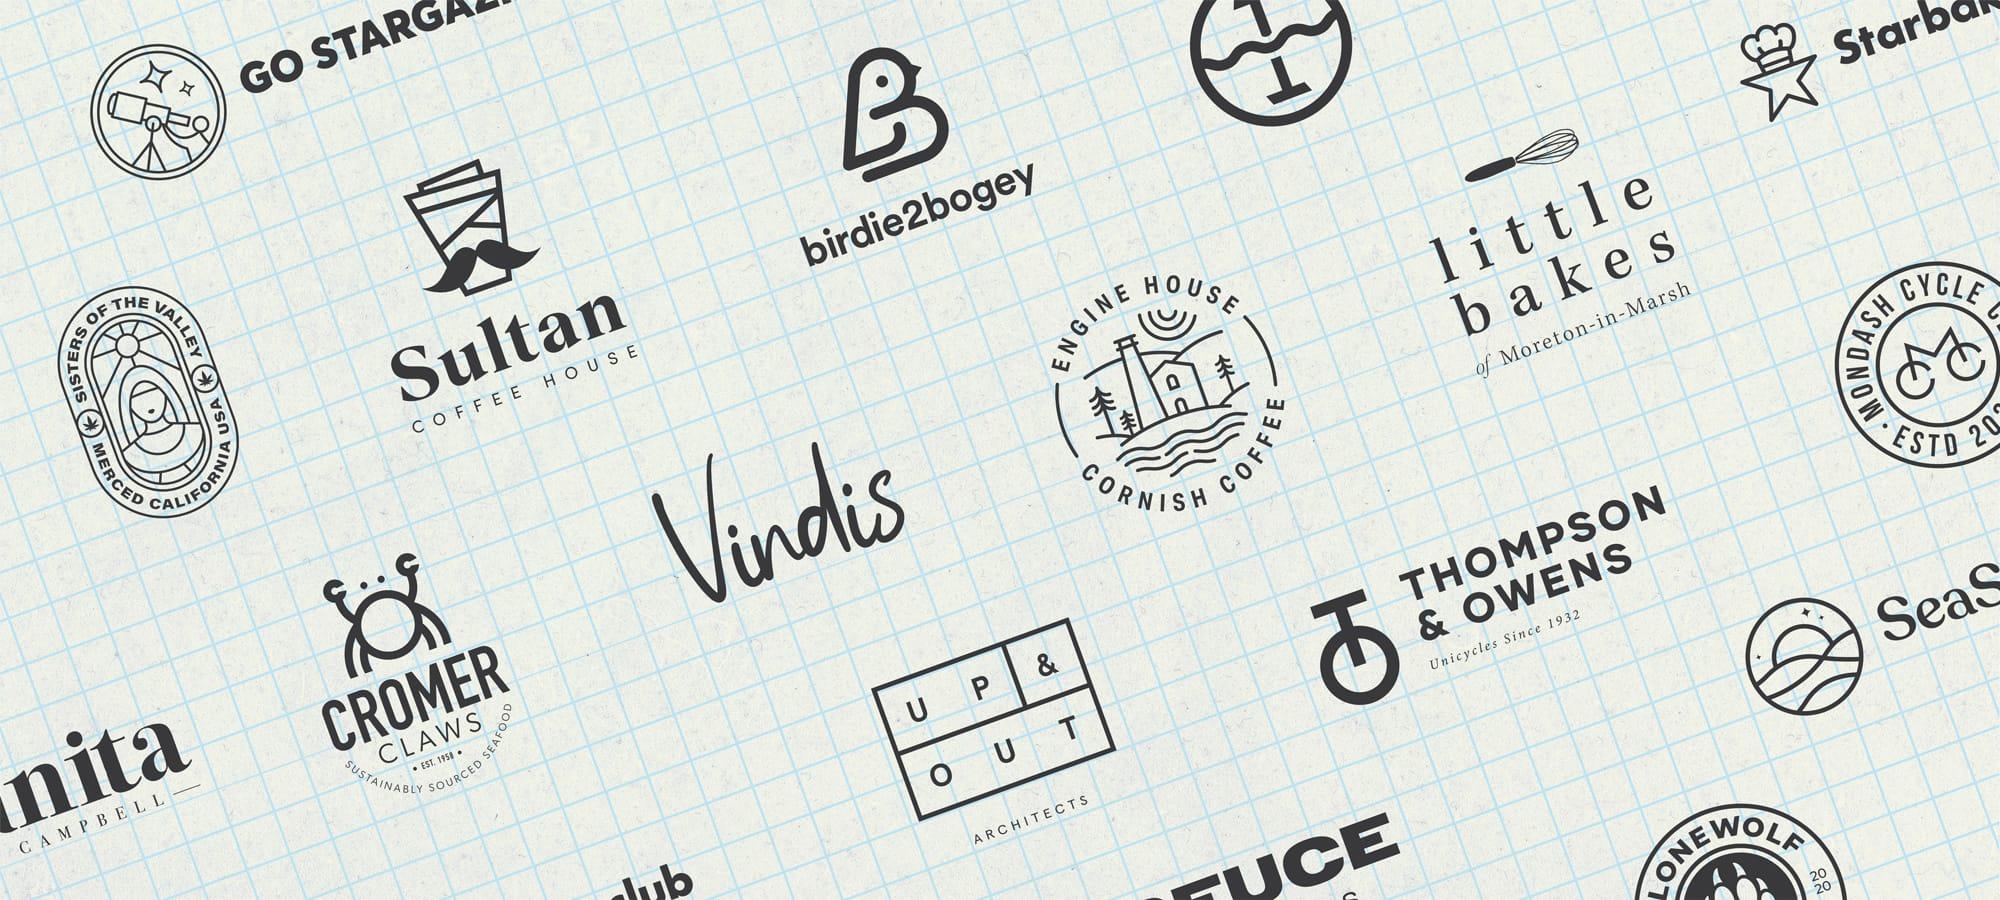 peterborough-cambridge-logo-branding-designer